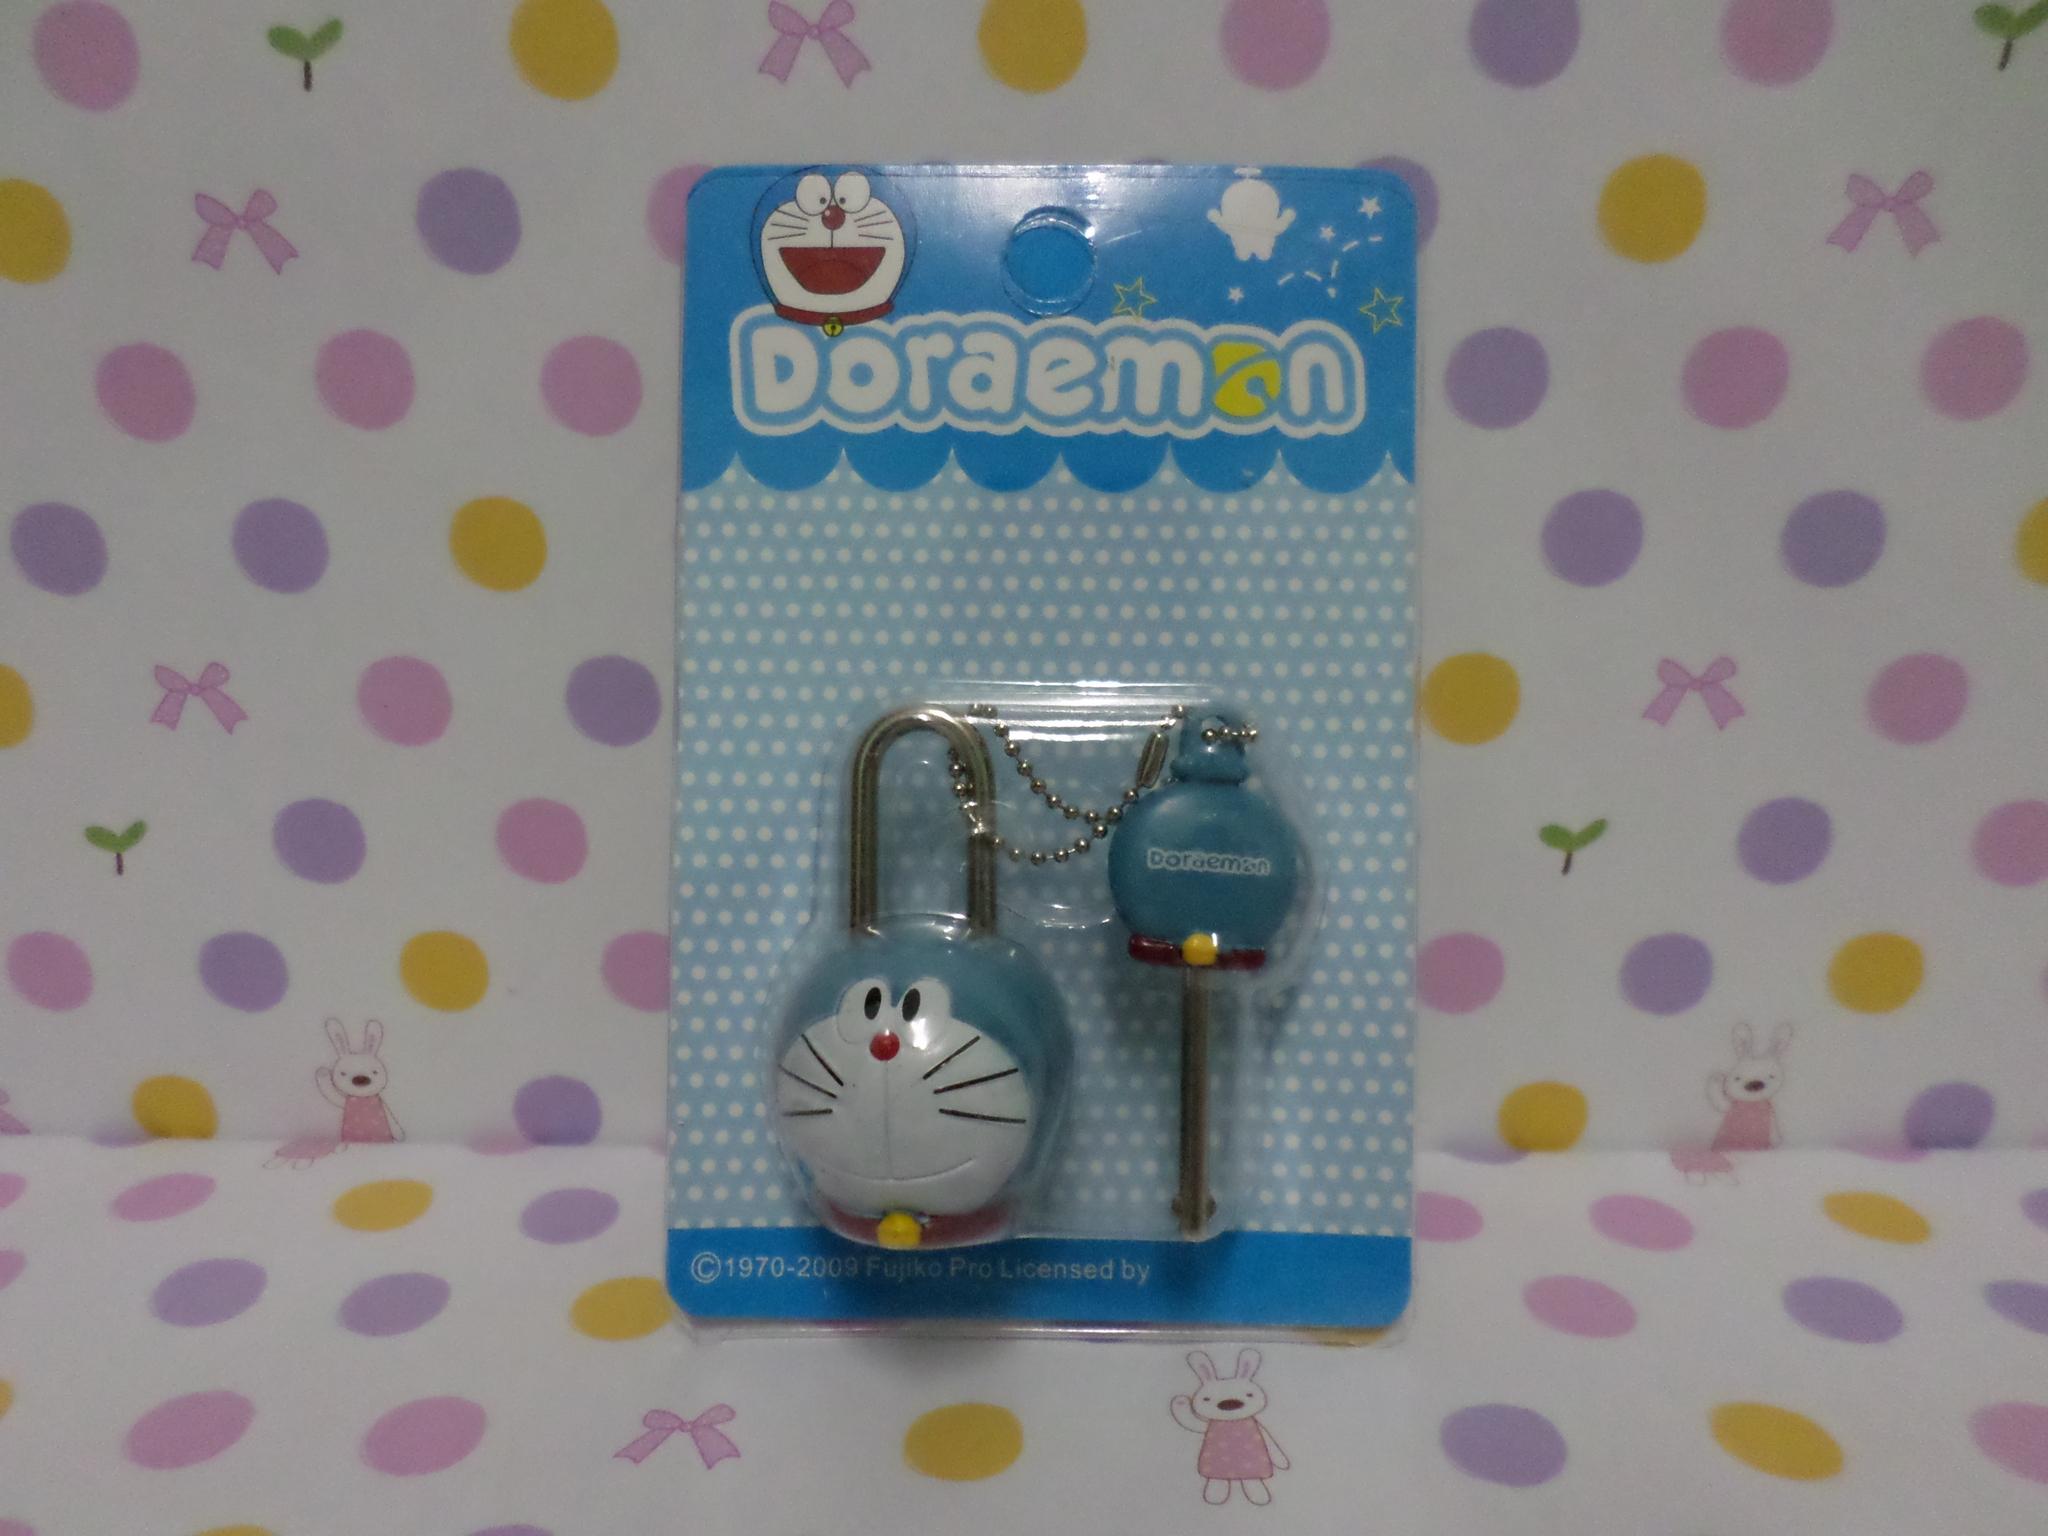 ชุดล๊อคกุญแจ โดราเอมอน doraemon ในชุดมีแม่กุญแจและลูกกุญแจ ขนาดแม่กุญแจสูง 4.5 ซม. ลูกกุญแจสูง 4.5 ซม.